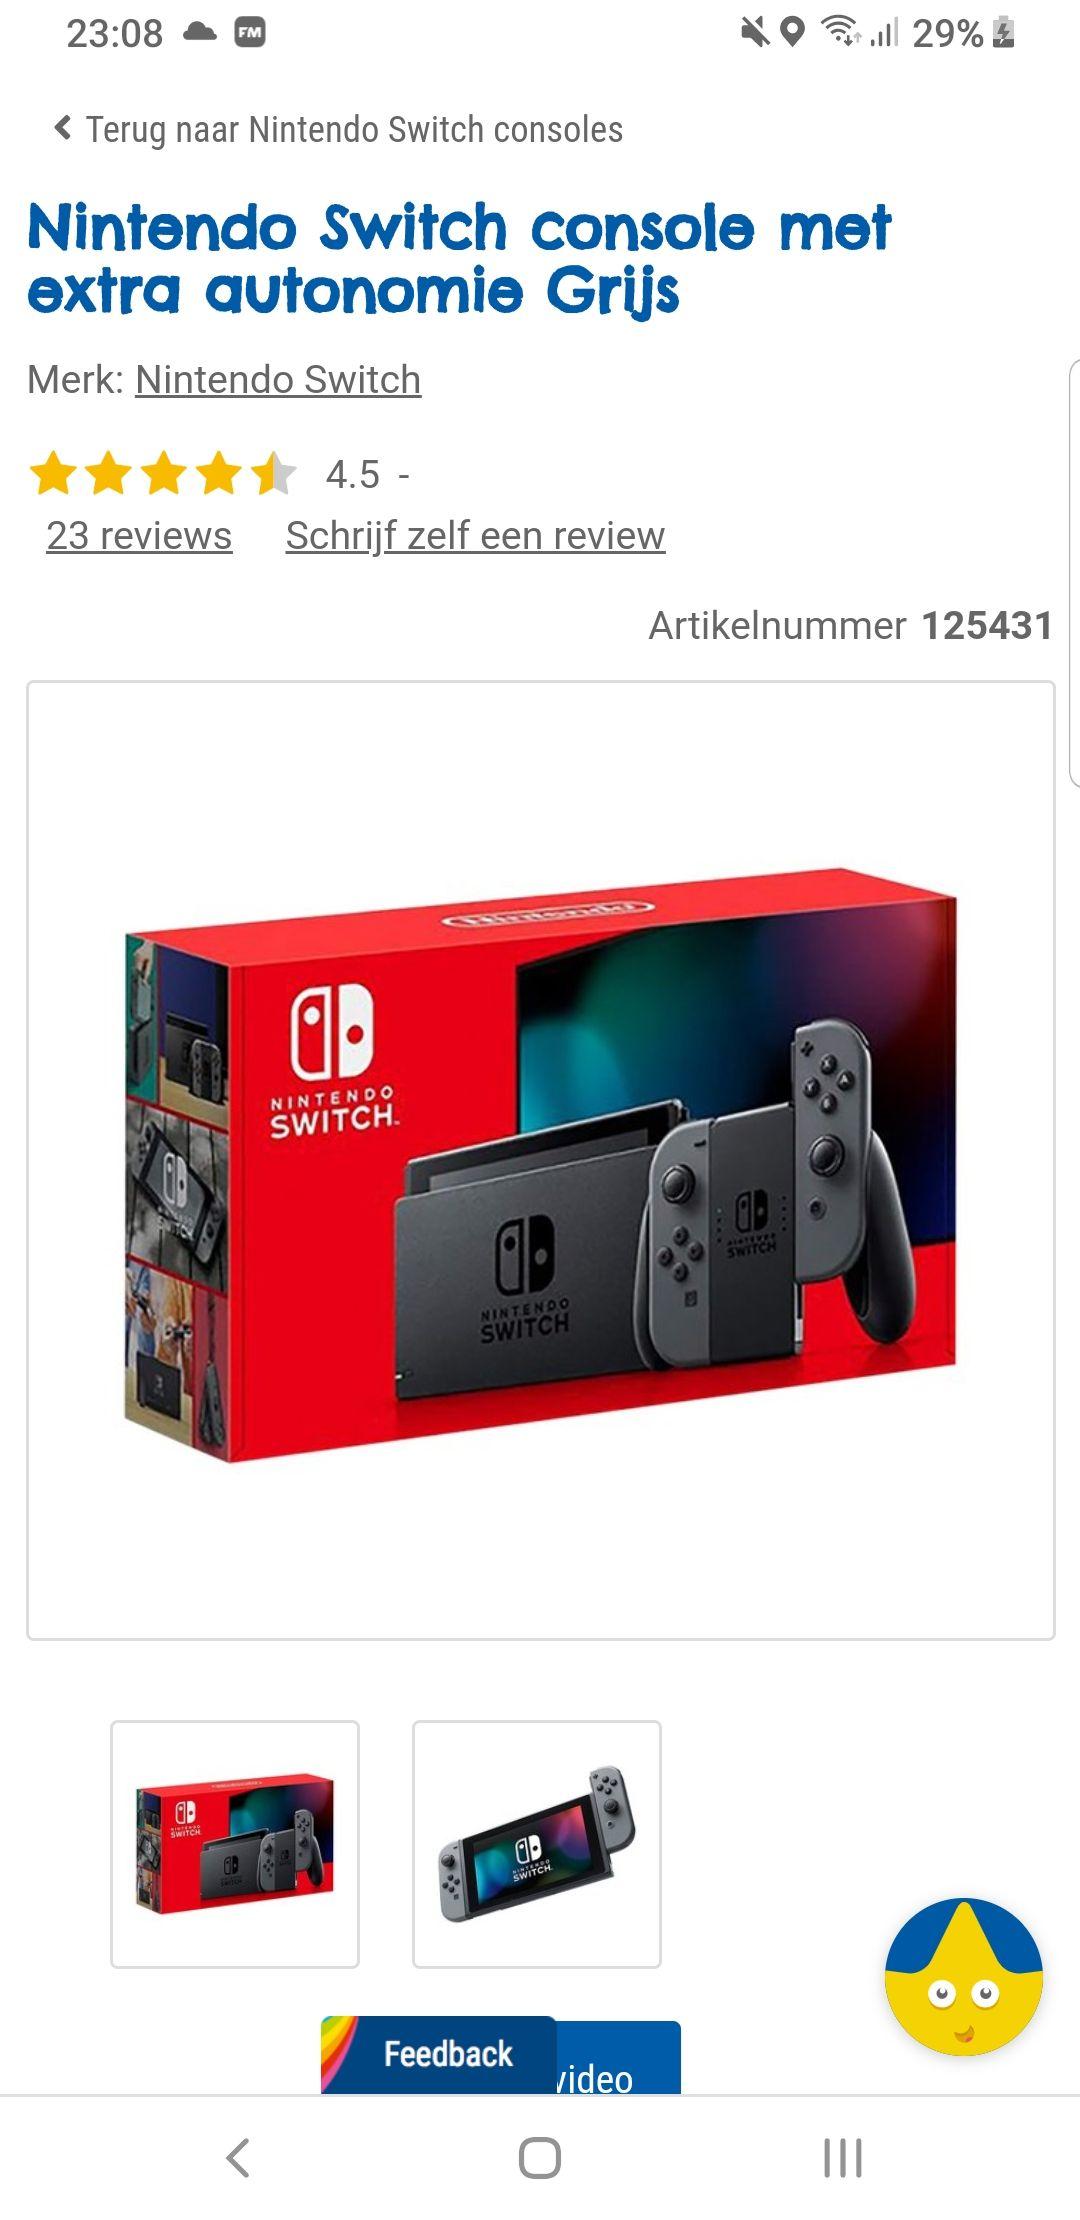 [Grensdeal be] Nintendo switch voor 270 euro op je verjaardag (jonger dan 12) of 299 normale prijs (nieuwe versie)